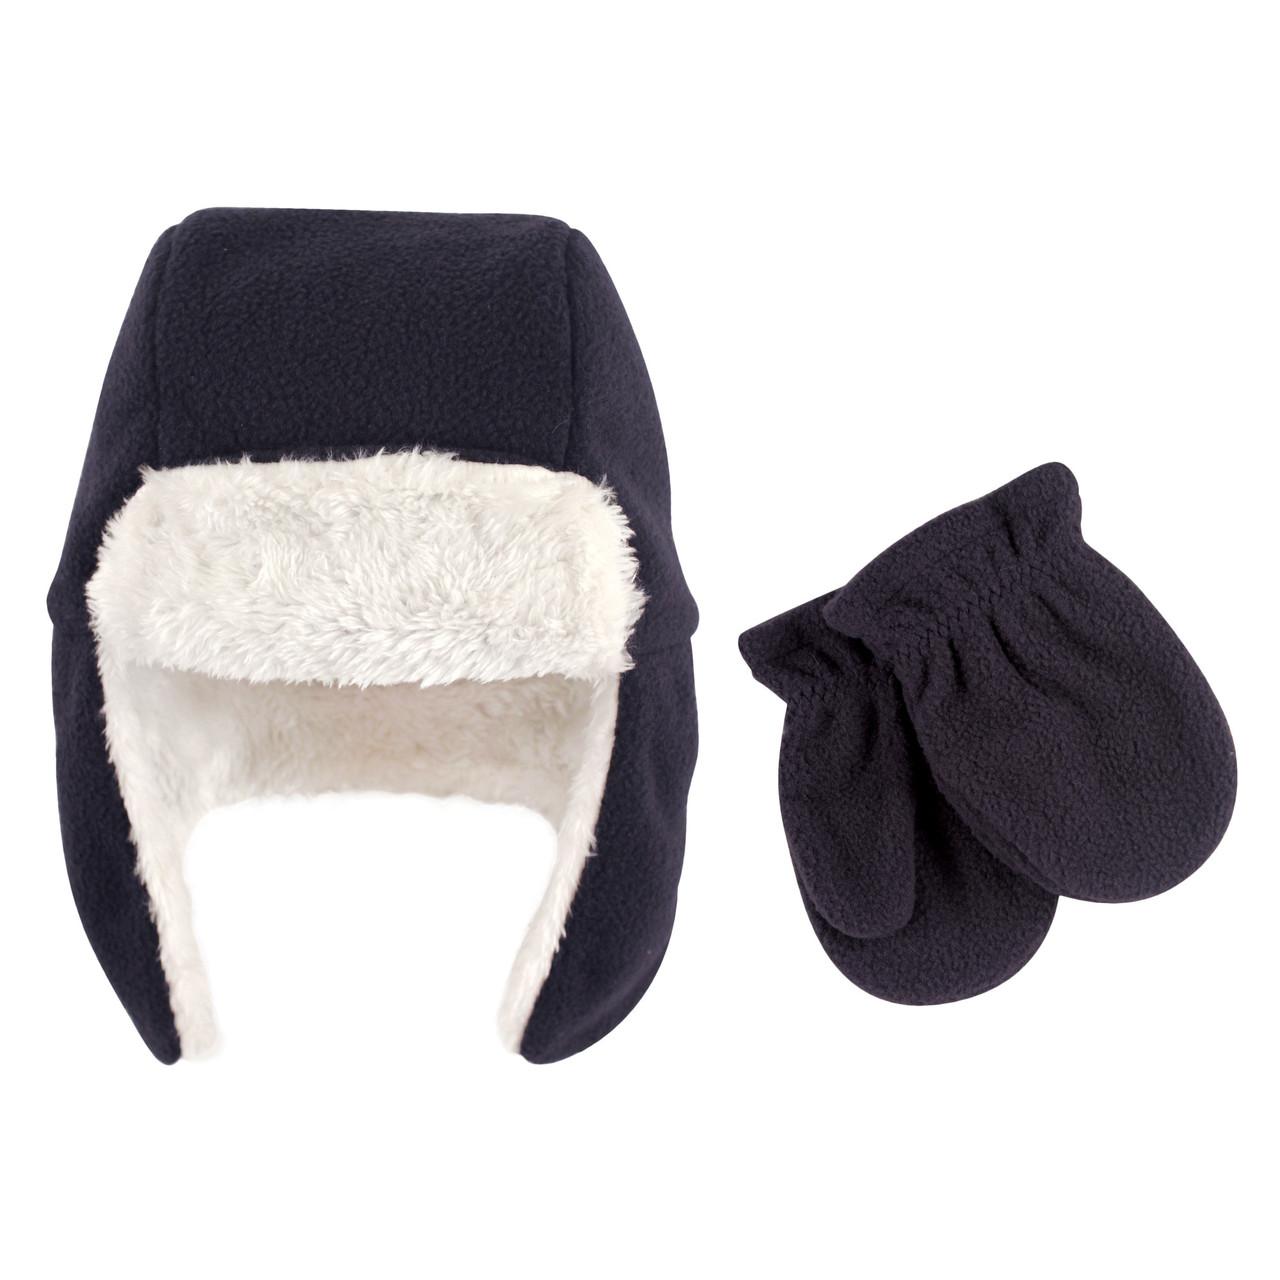 Набор шапка и рукавички 0-6 мес. Hudson baby (США) черный